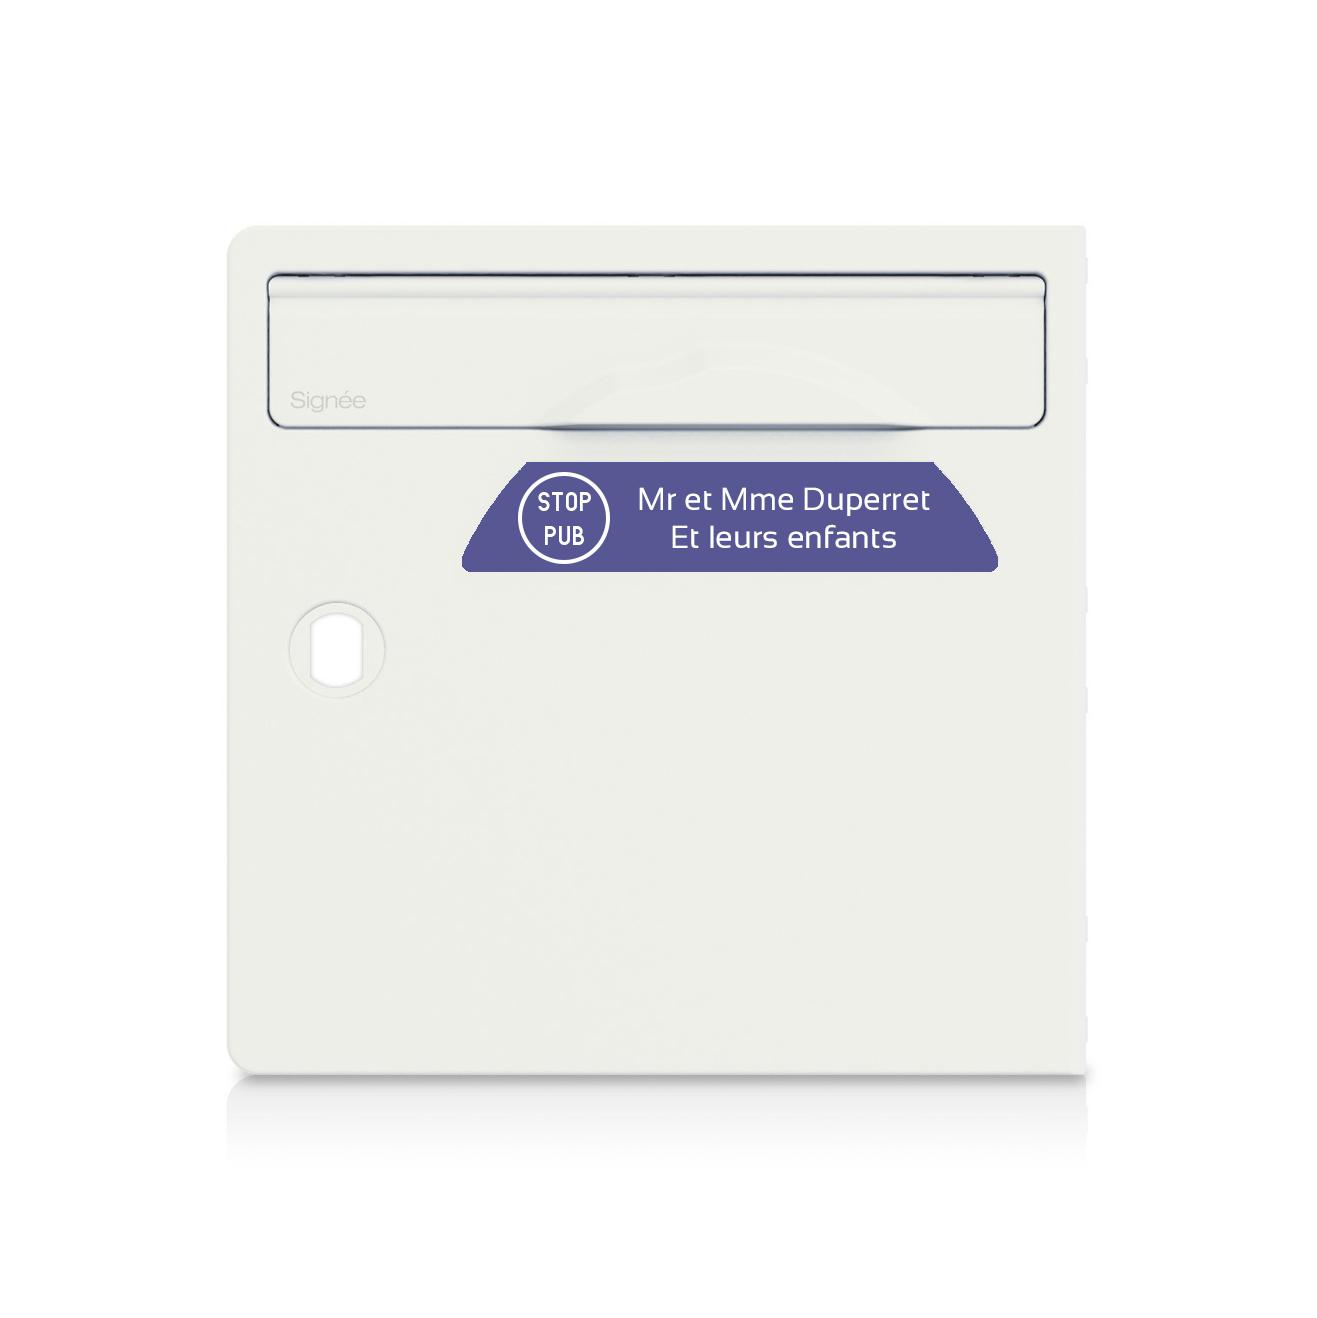 plaque boite aux lettres Signée STOP PUB violette lettres blanches - 2 lignes